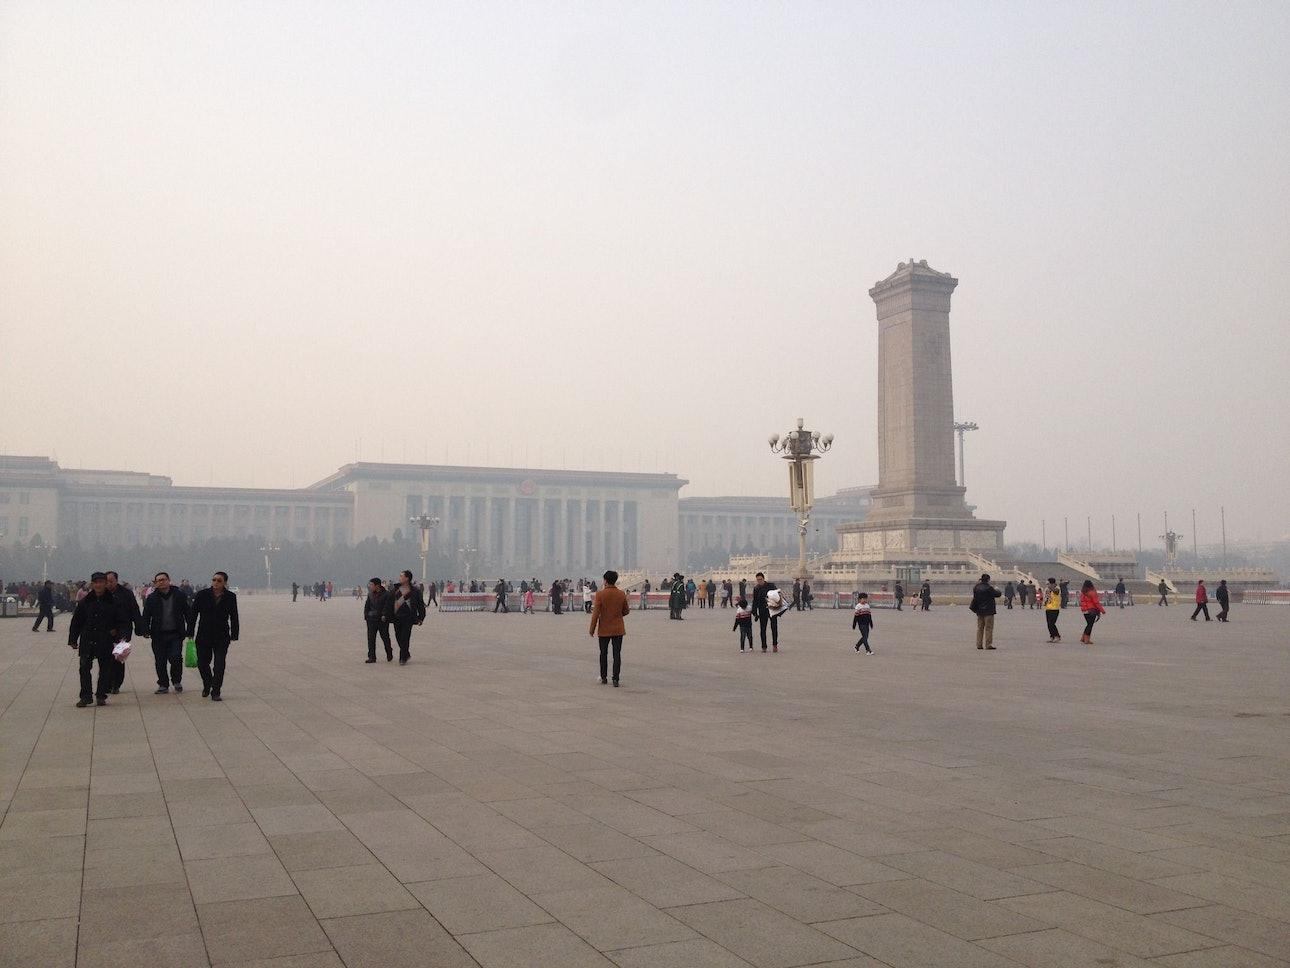 Площадь Тяньаньмэнь в Пекине Китай урбанизм